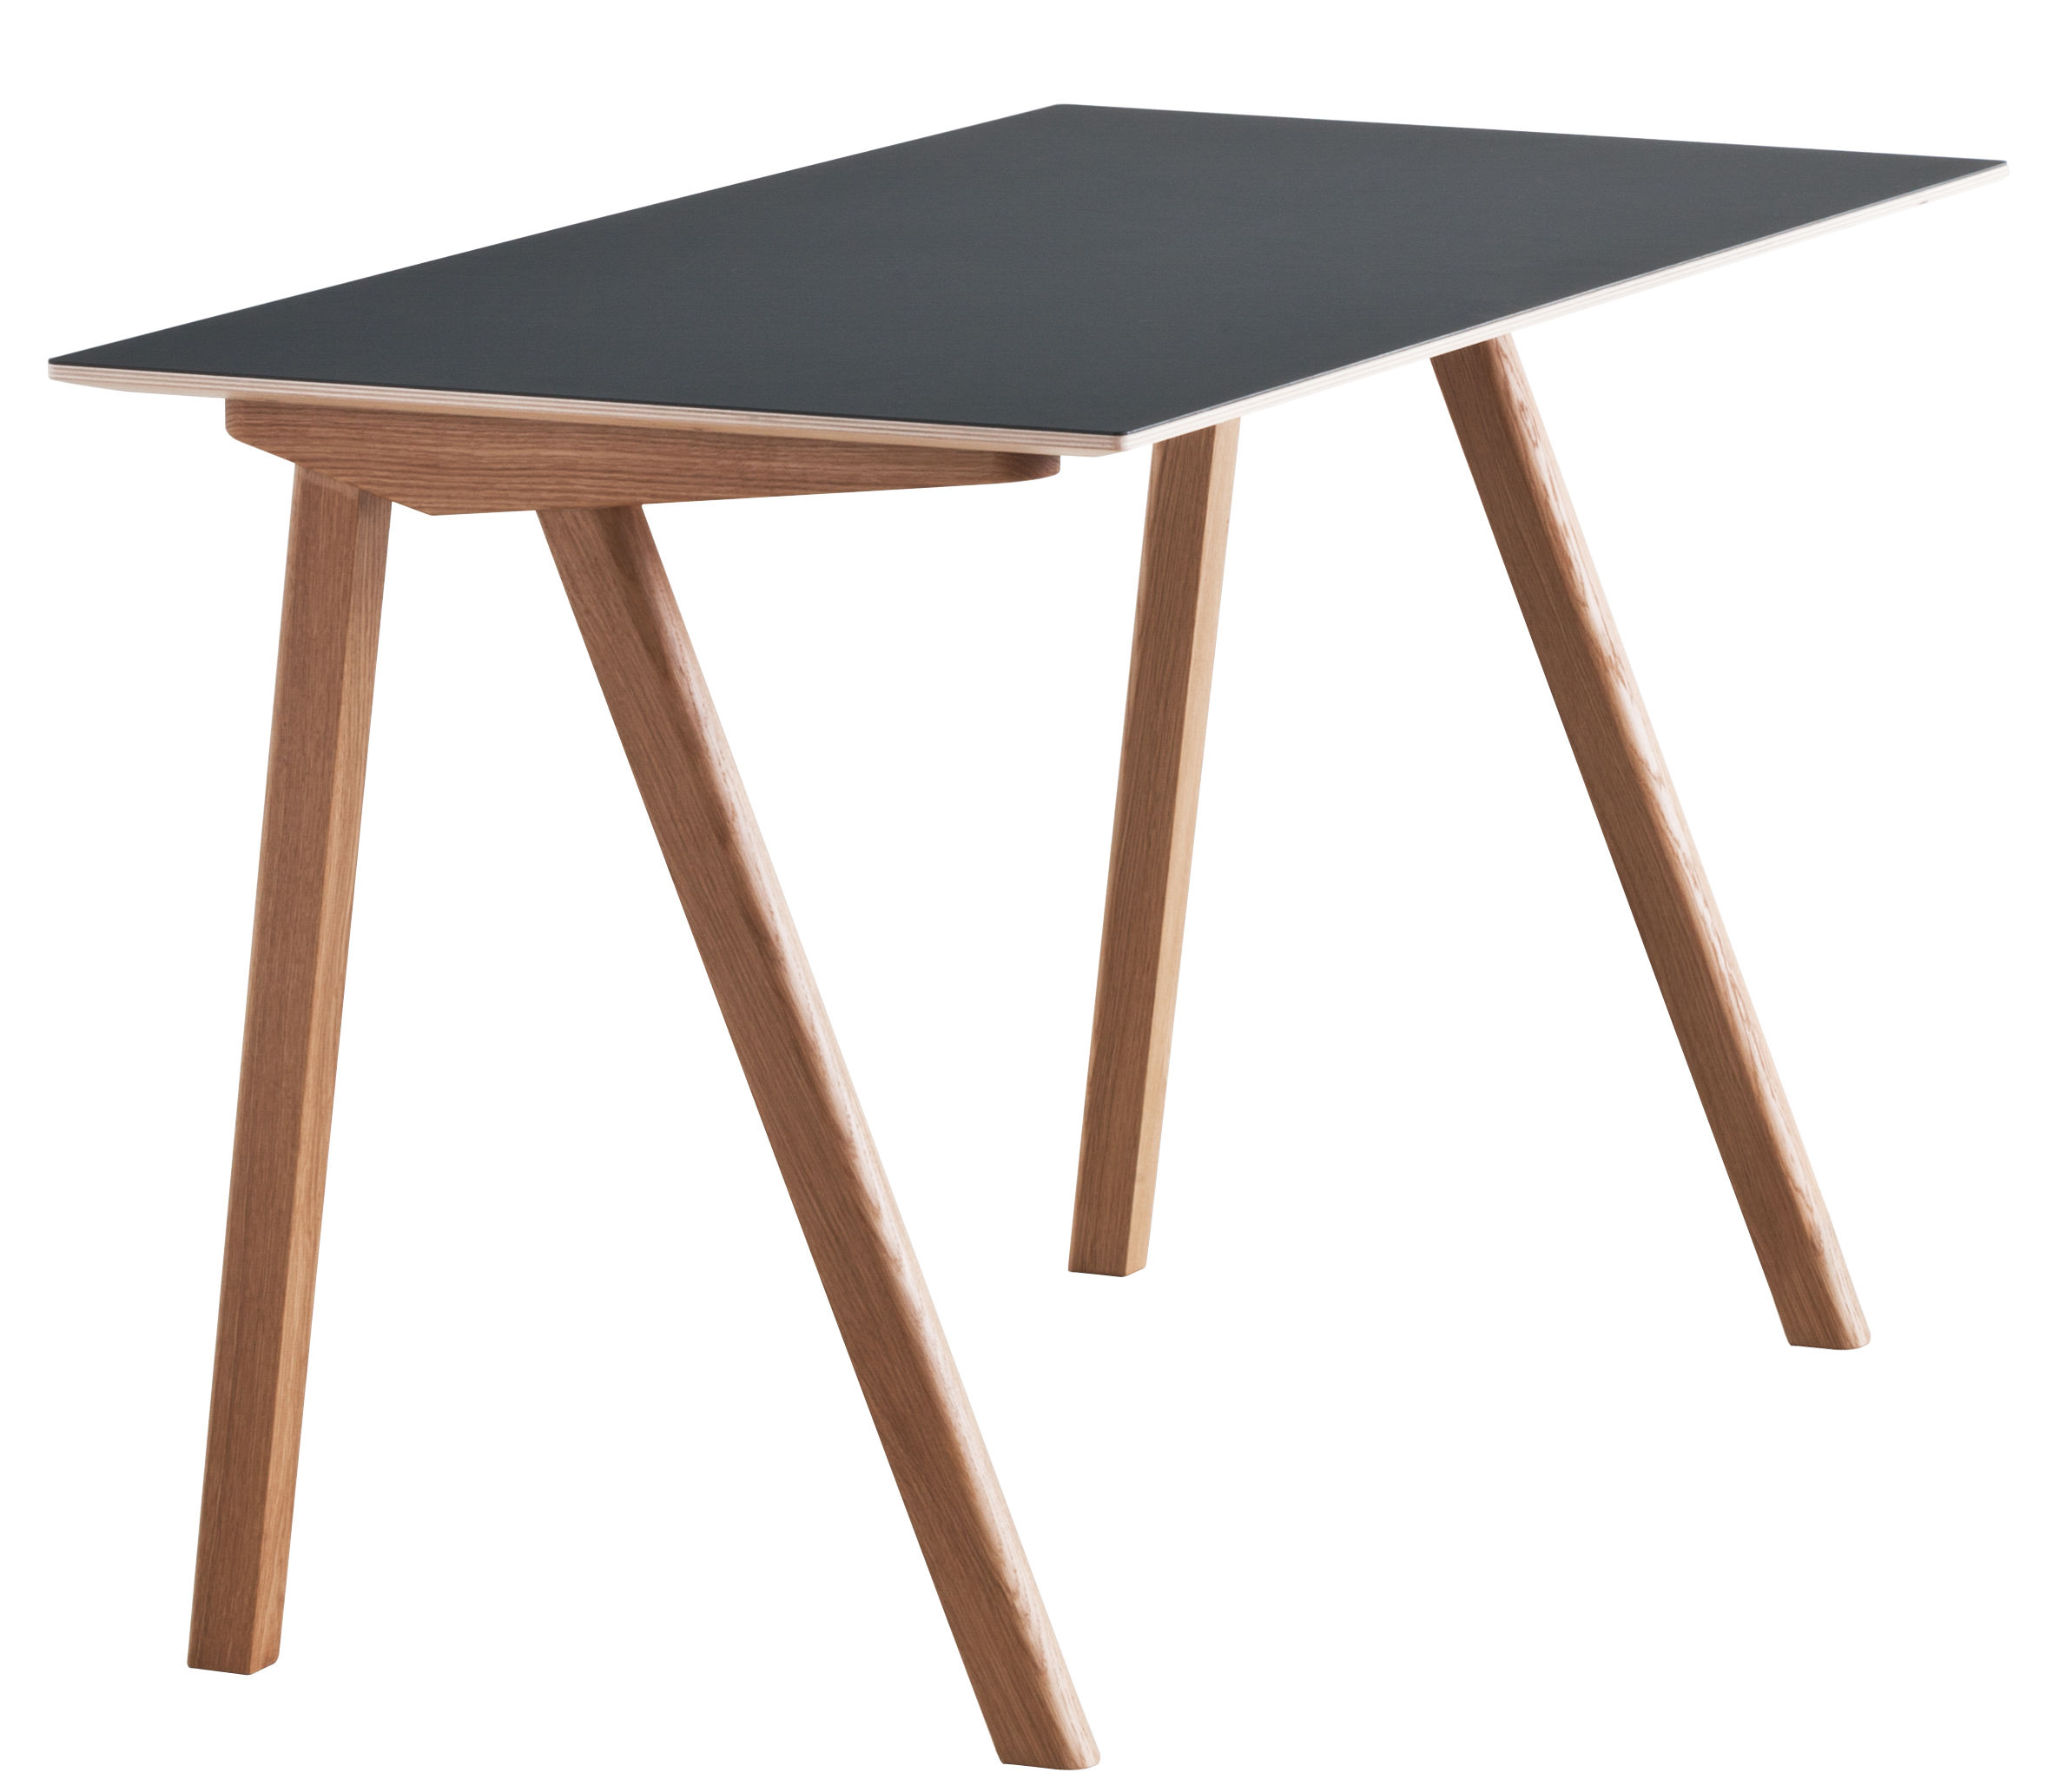 Schreibtisch copenhague modell 90 for Raumgestaltung innenarchitektur studium